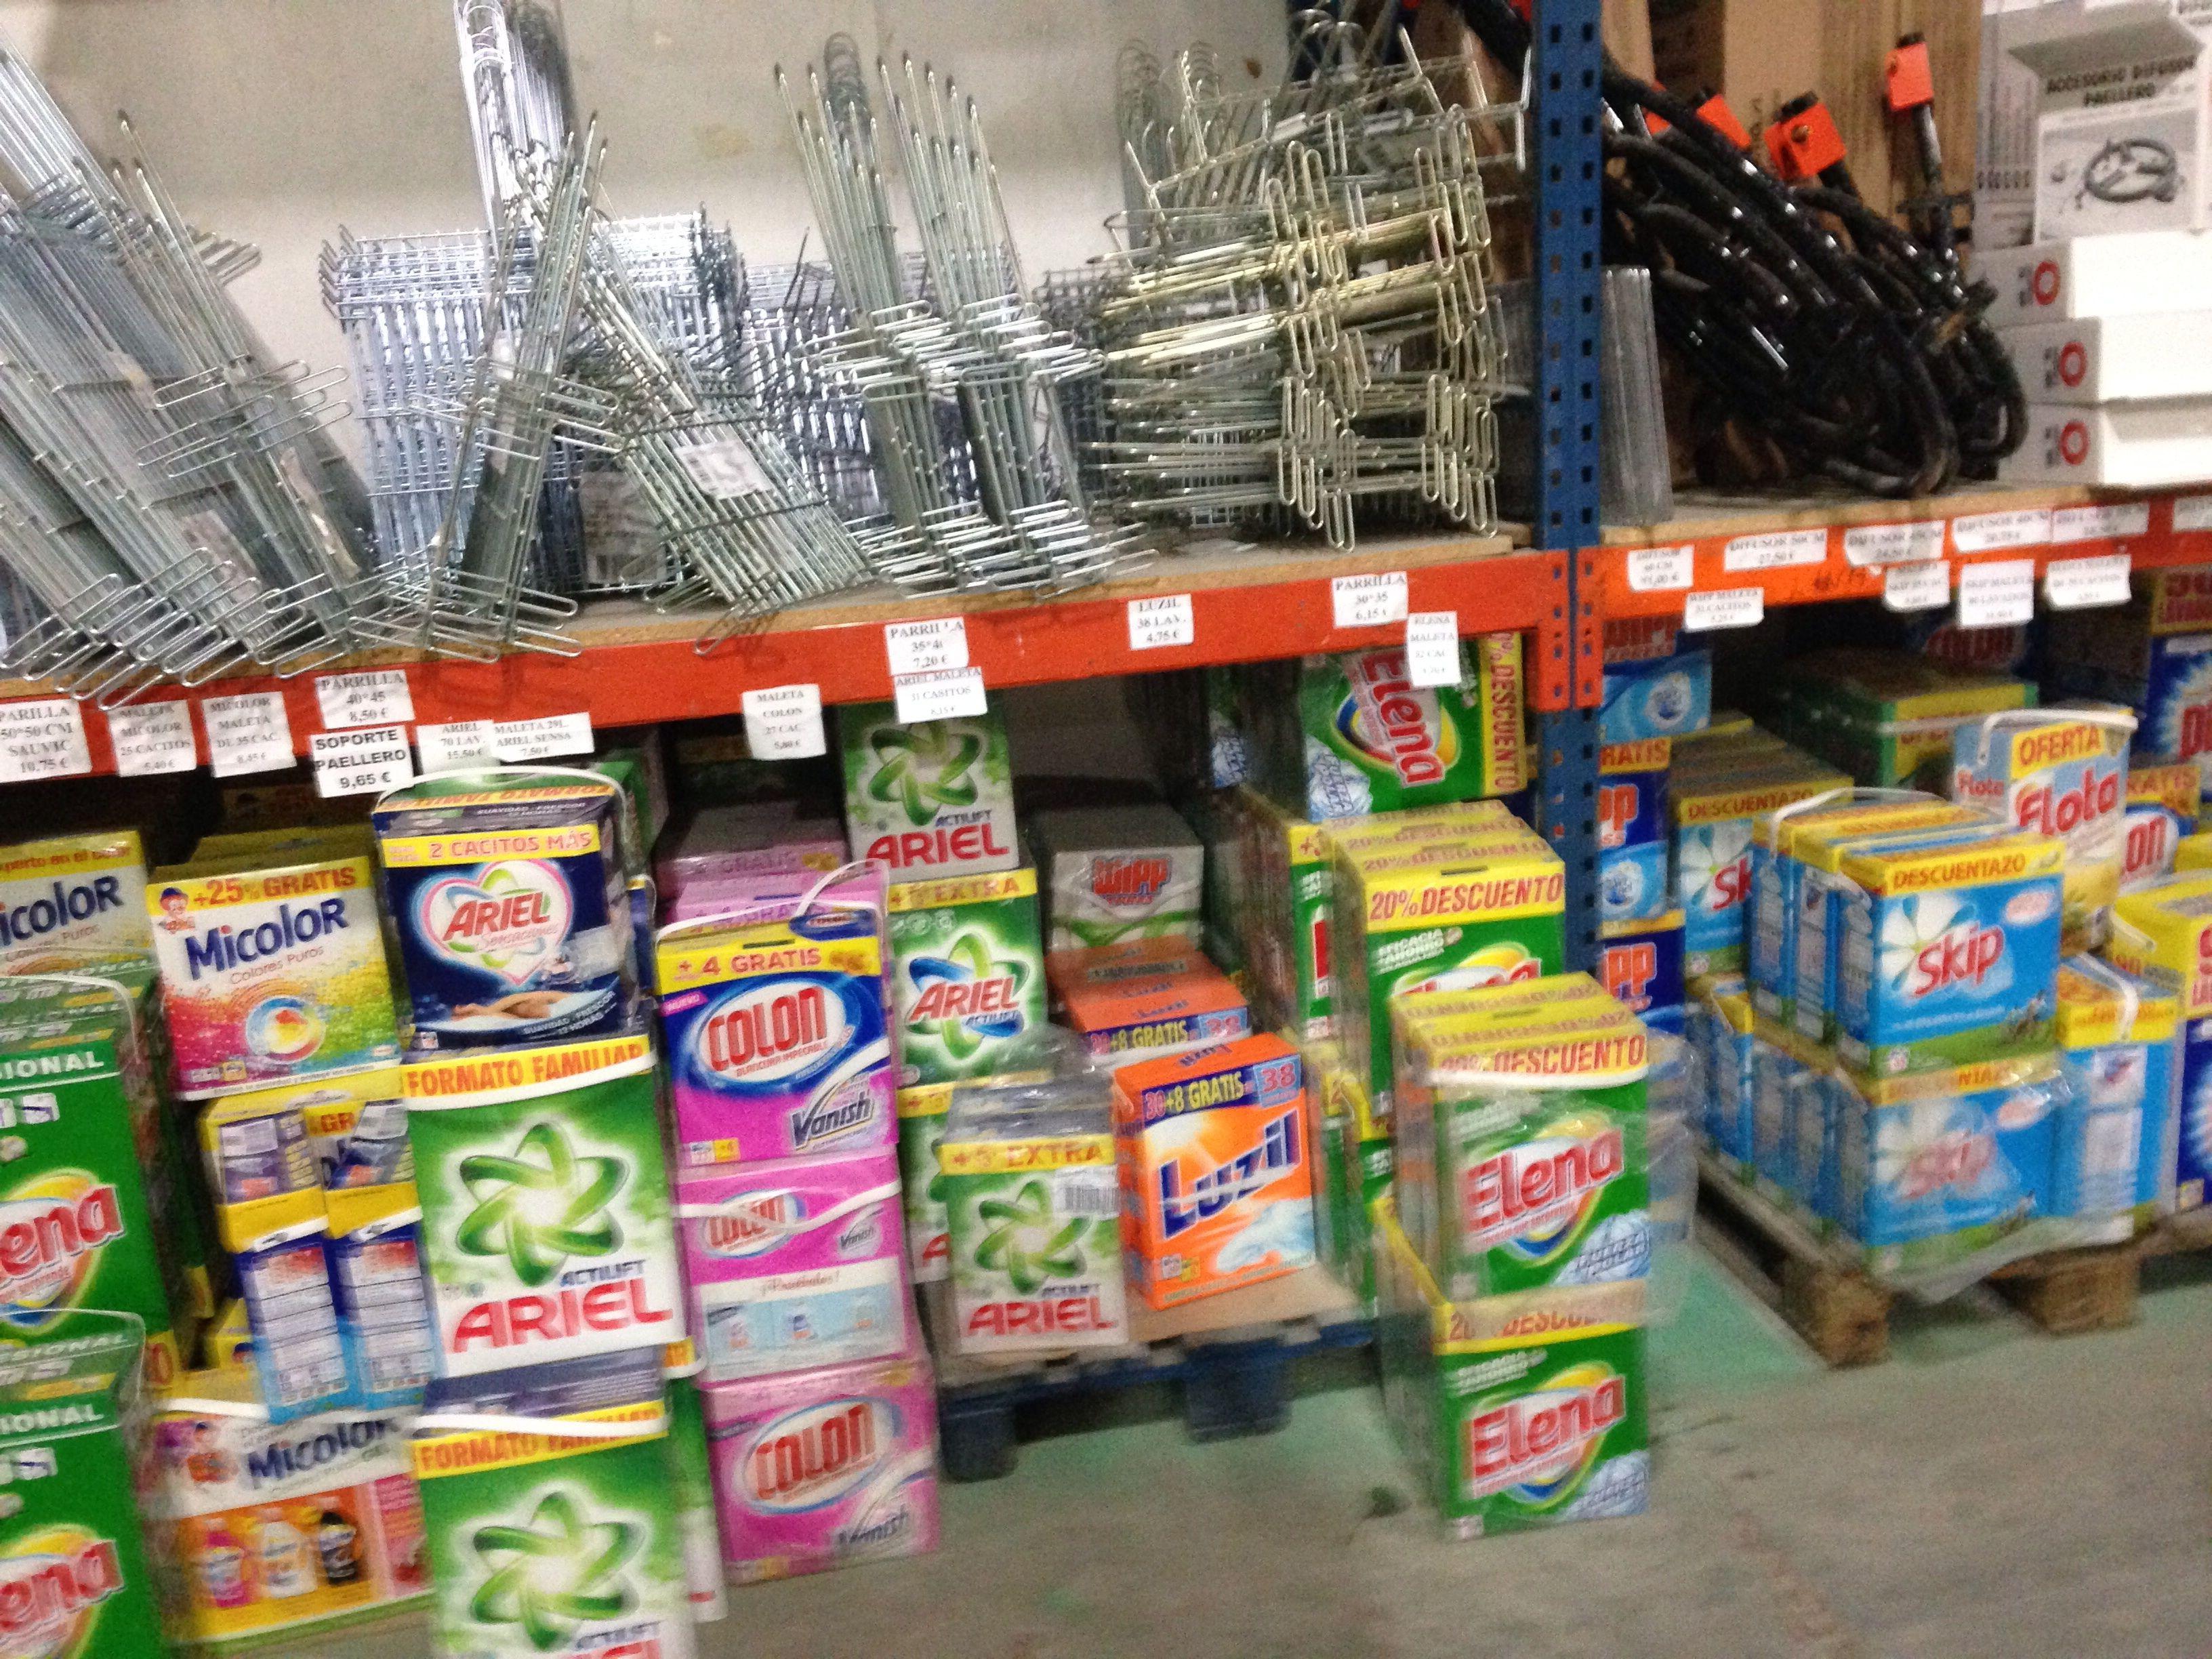 40 marcas de maletas y sacos detergente